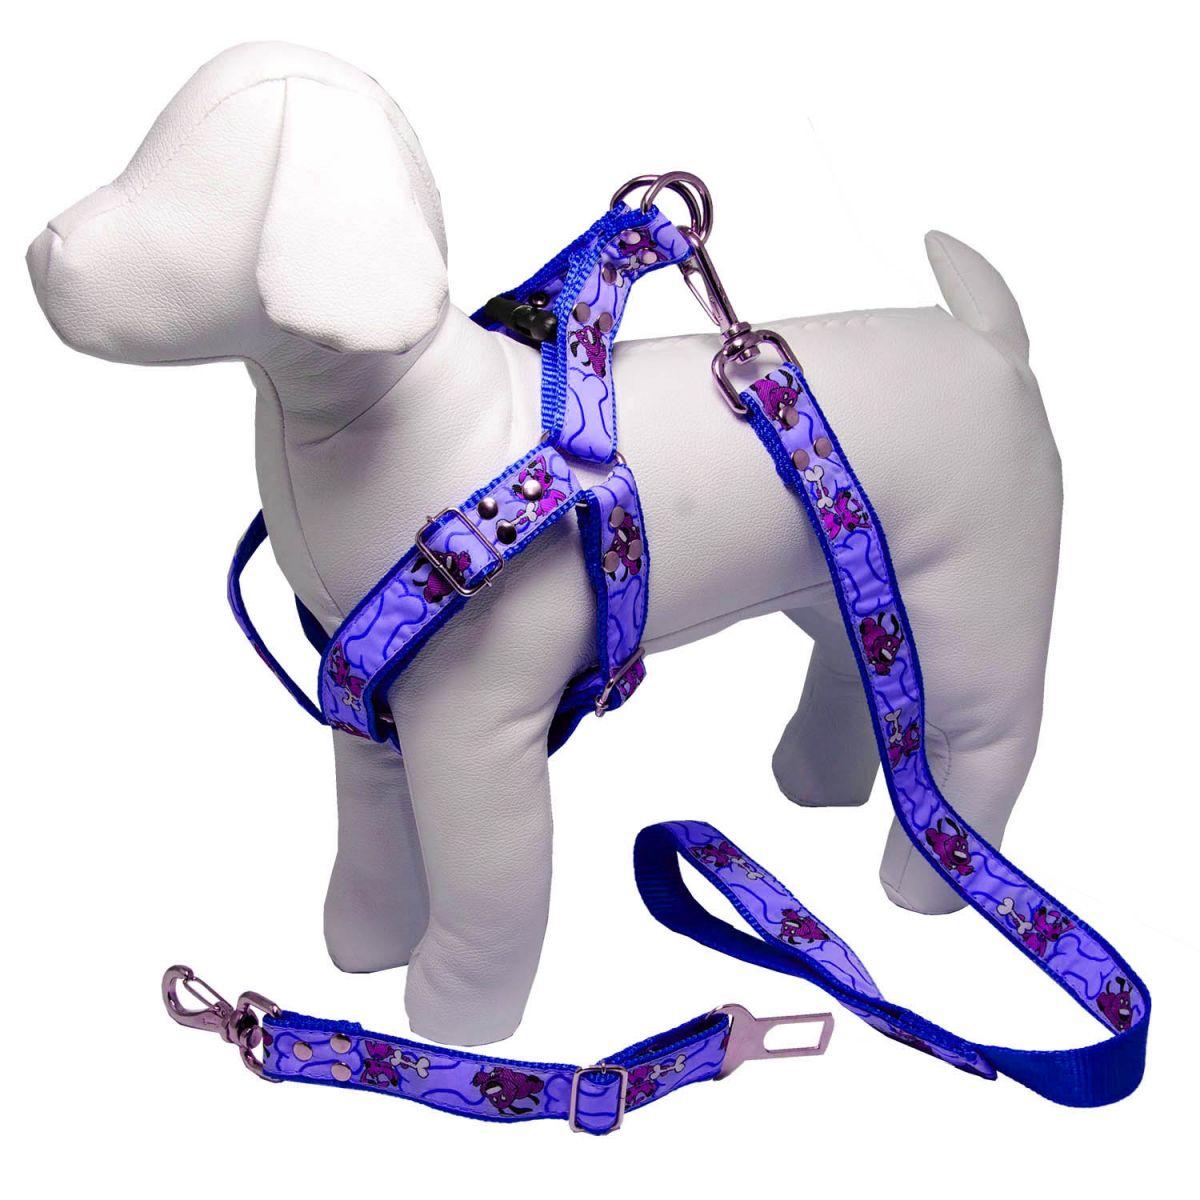 Coleira Peitoral Para Cachorro com Guia e Adaptador Ajustavel